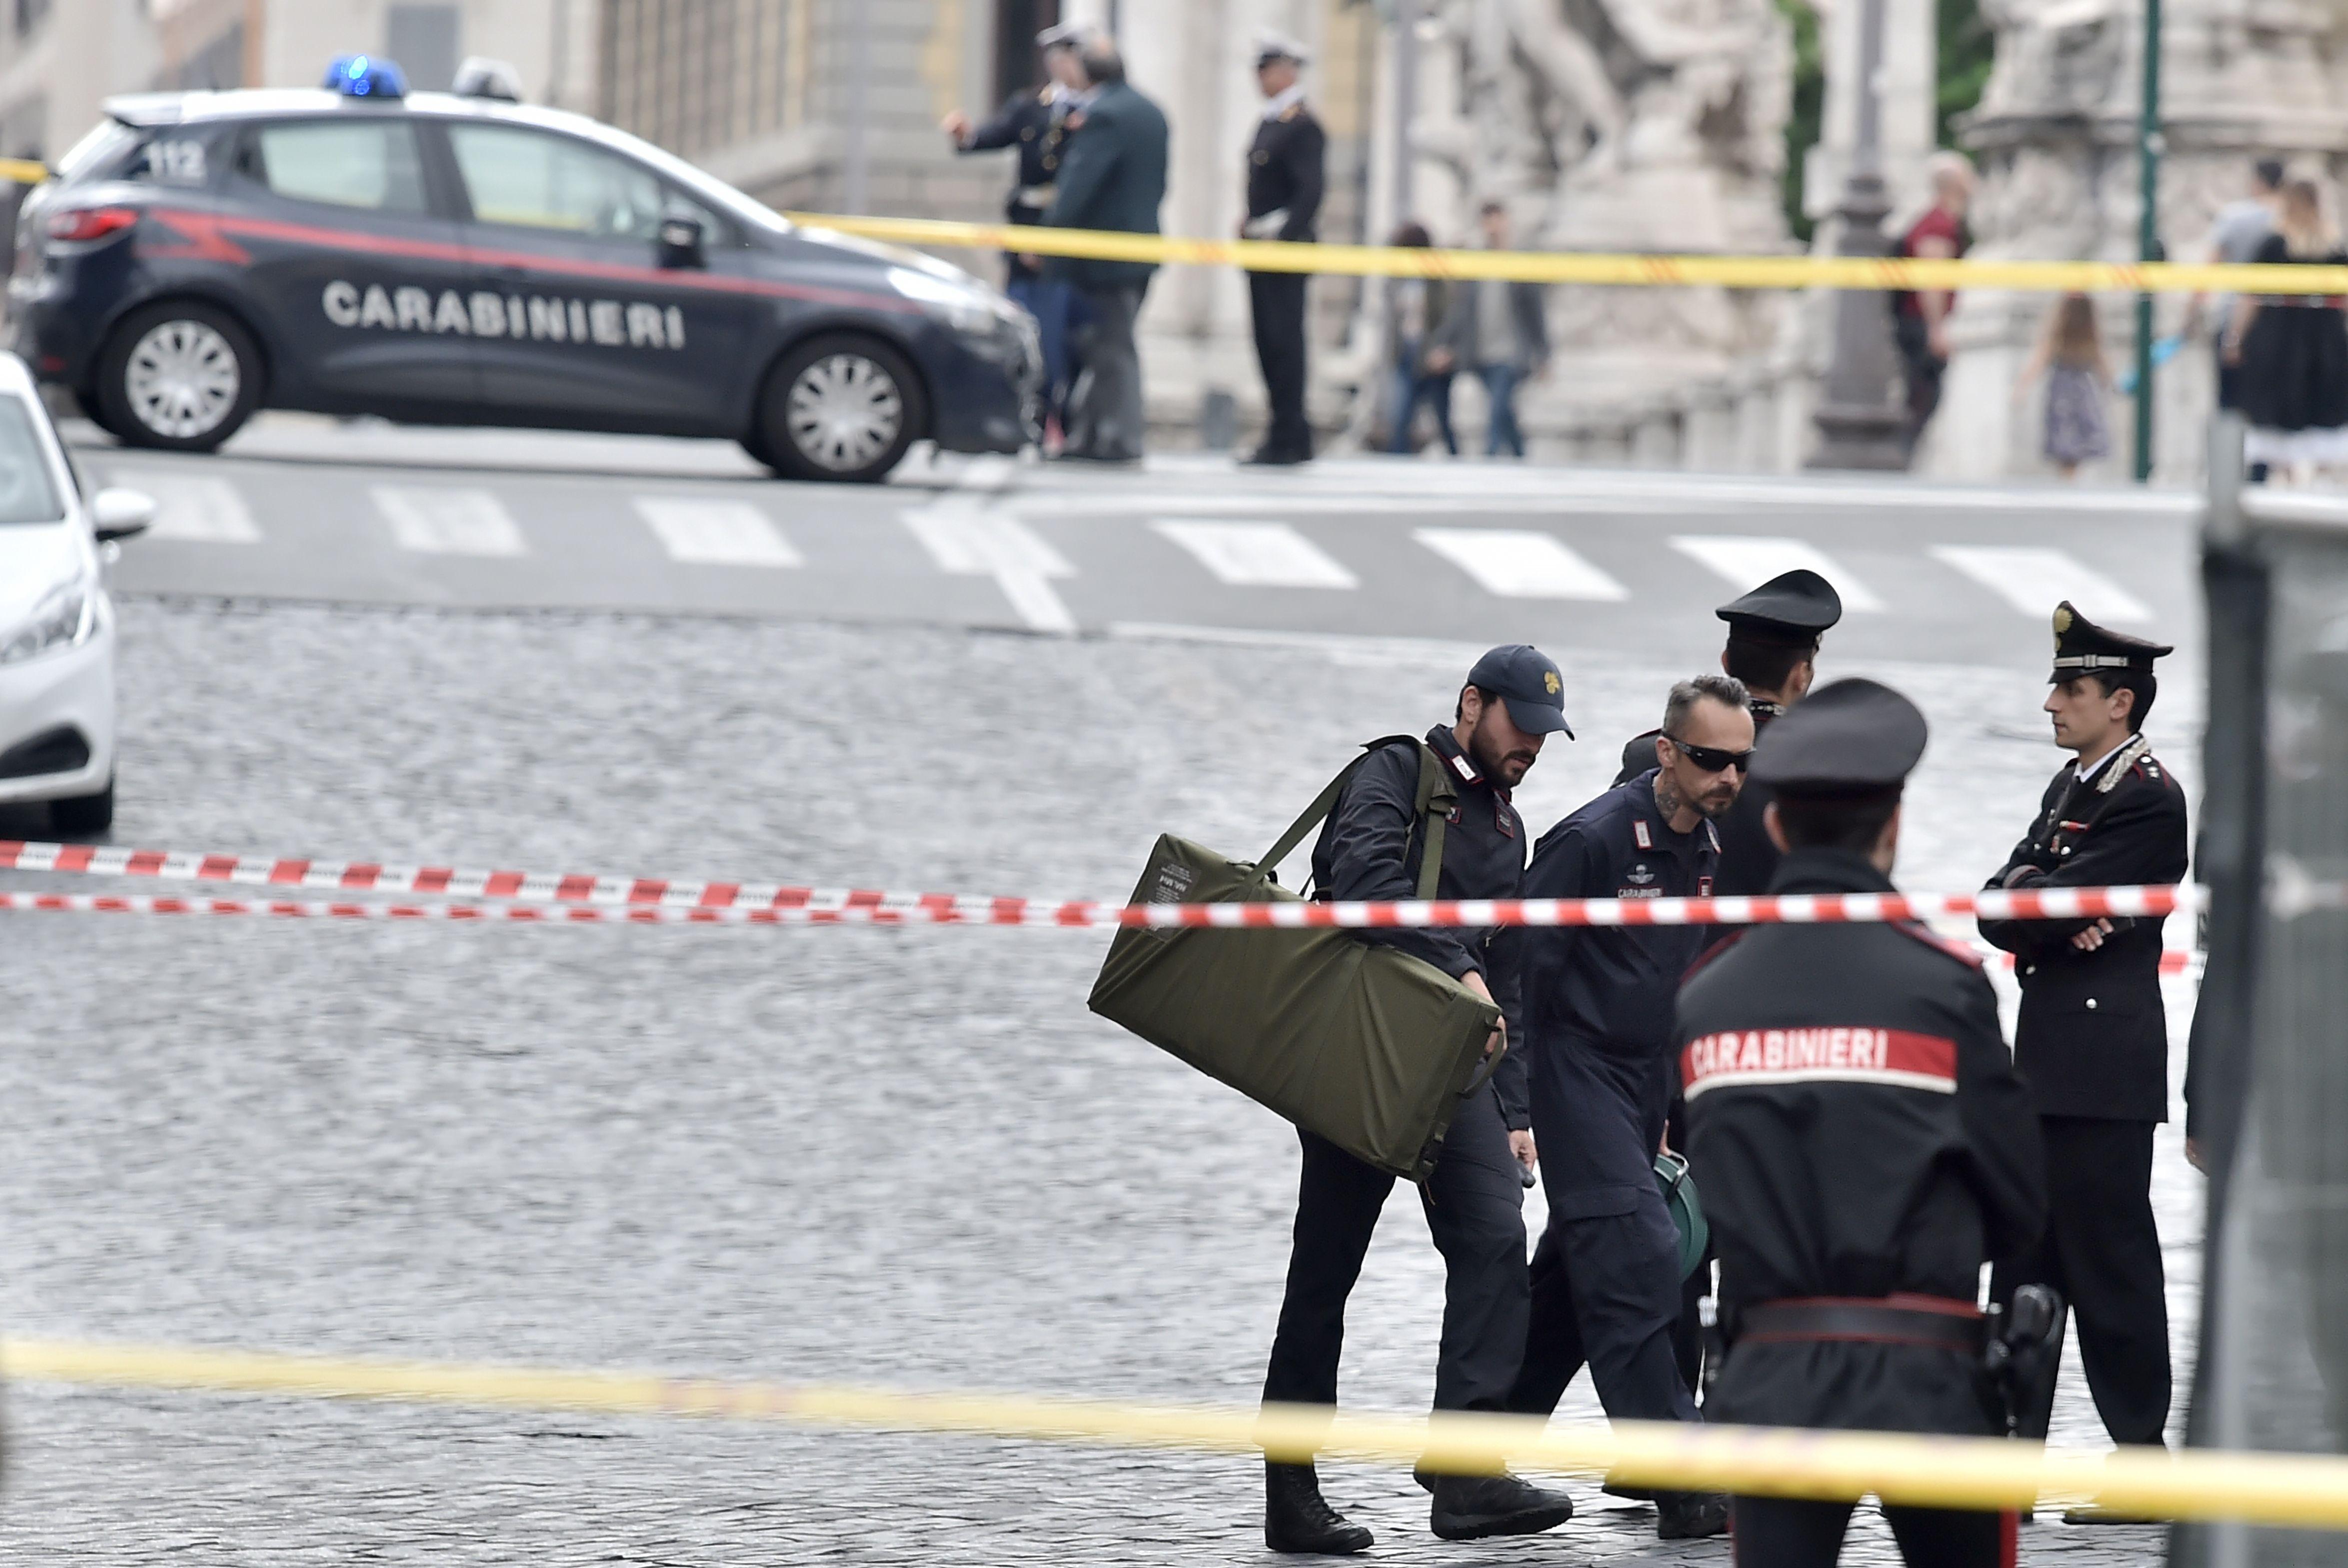 1069016-صور-انذار-قرب-الفاتيكان-بسبب-العثور-على-قنبلة-(8)